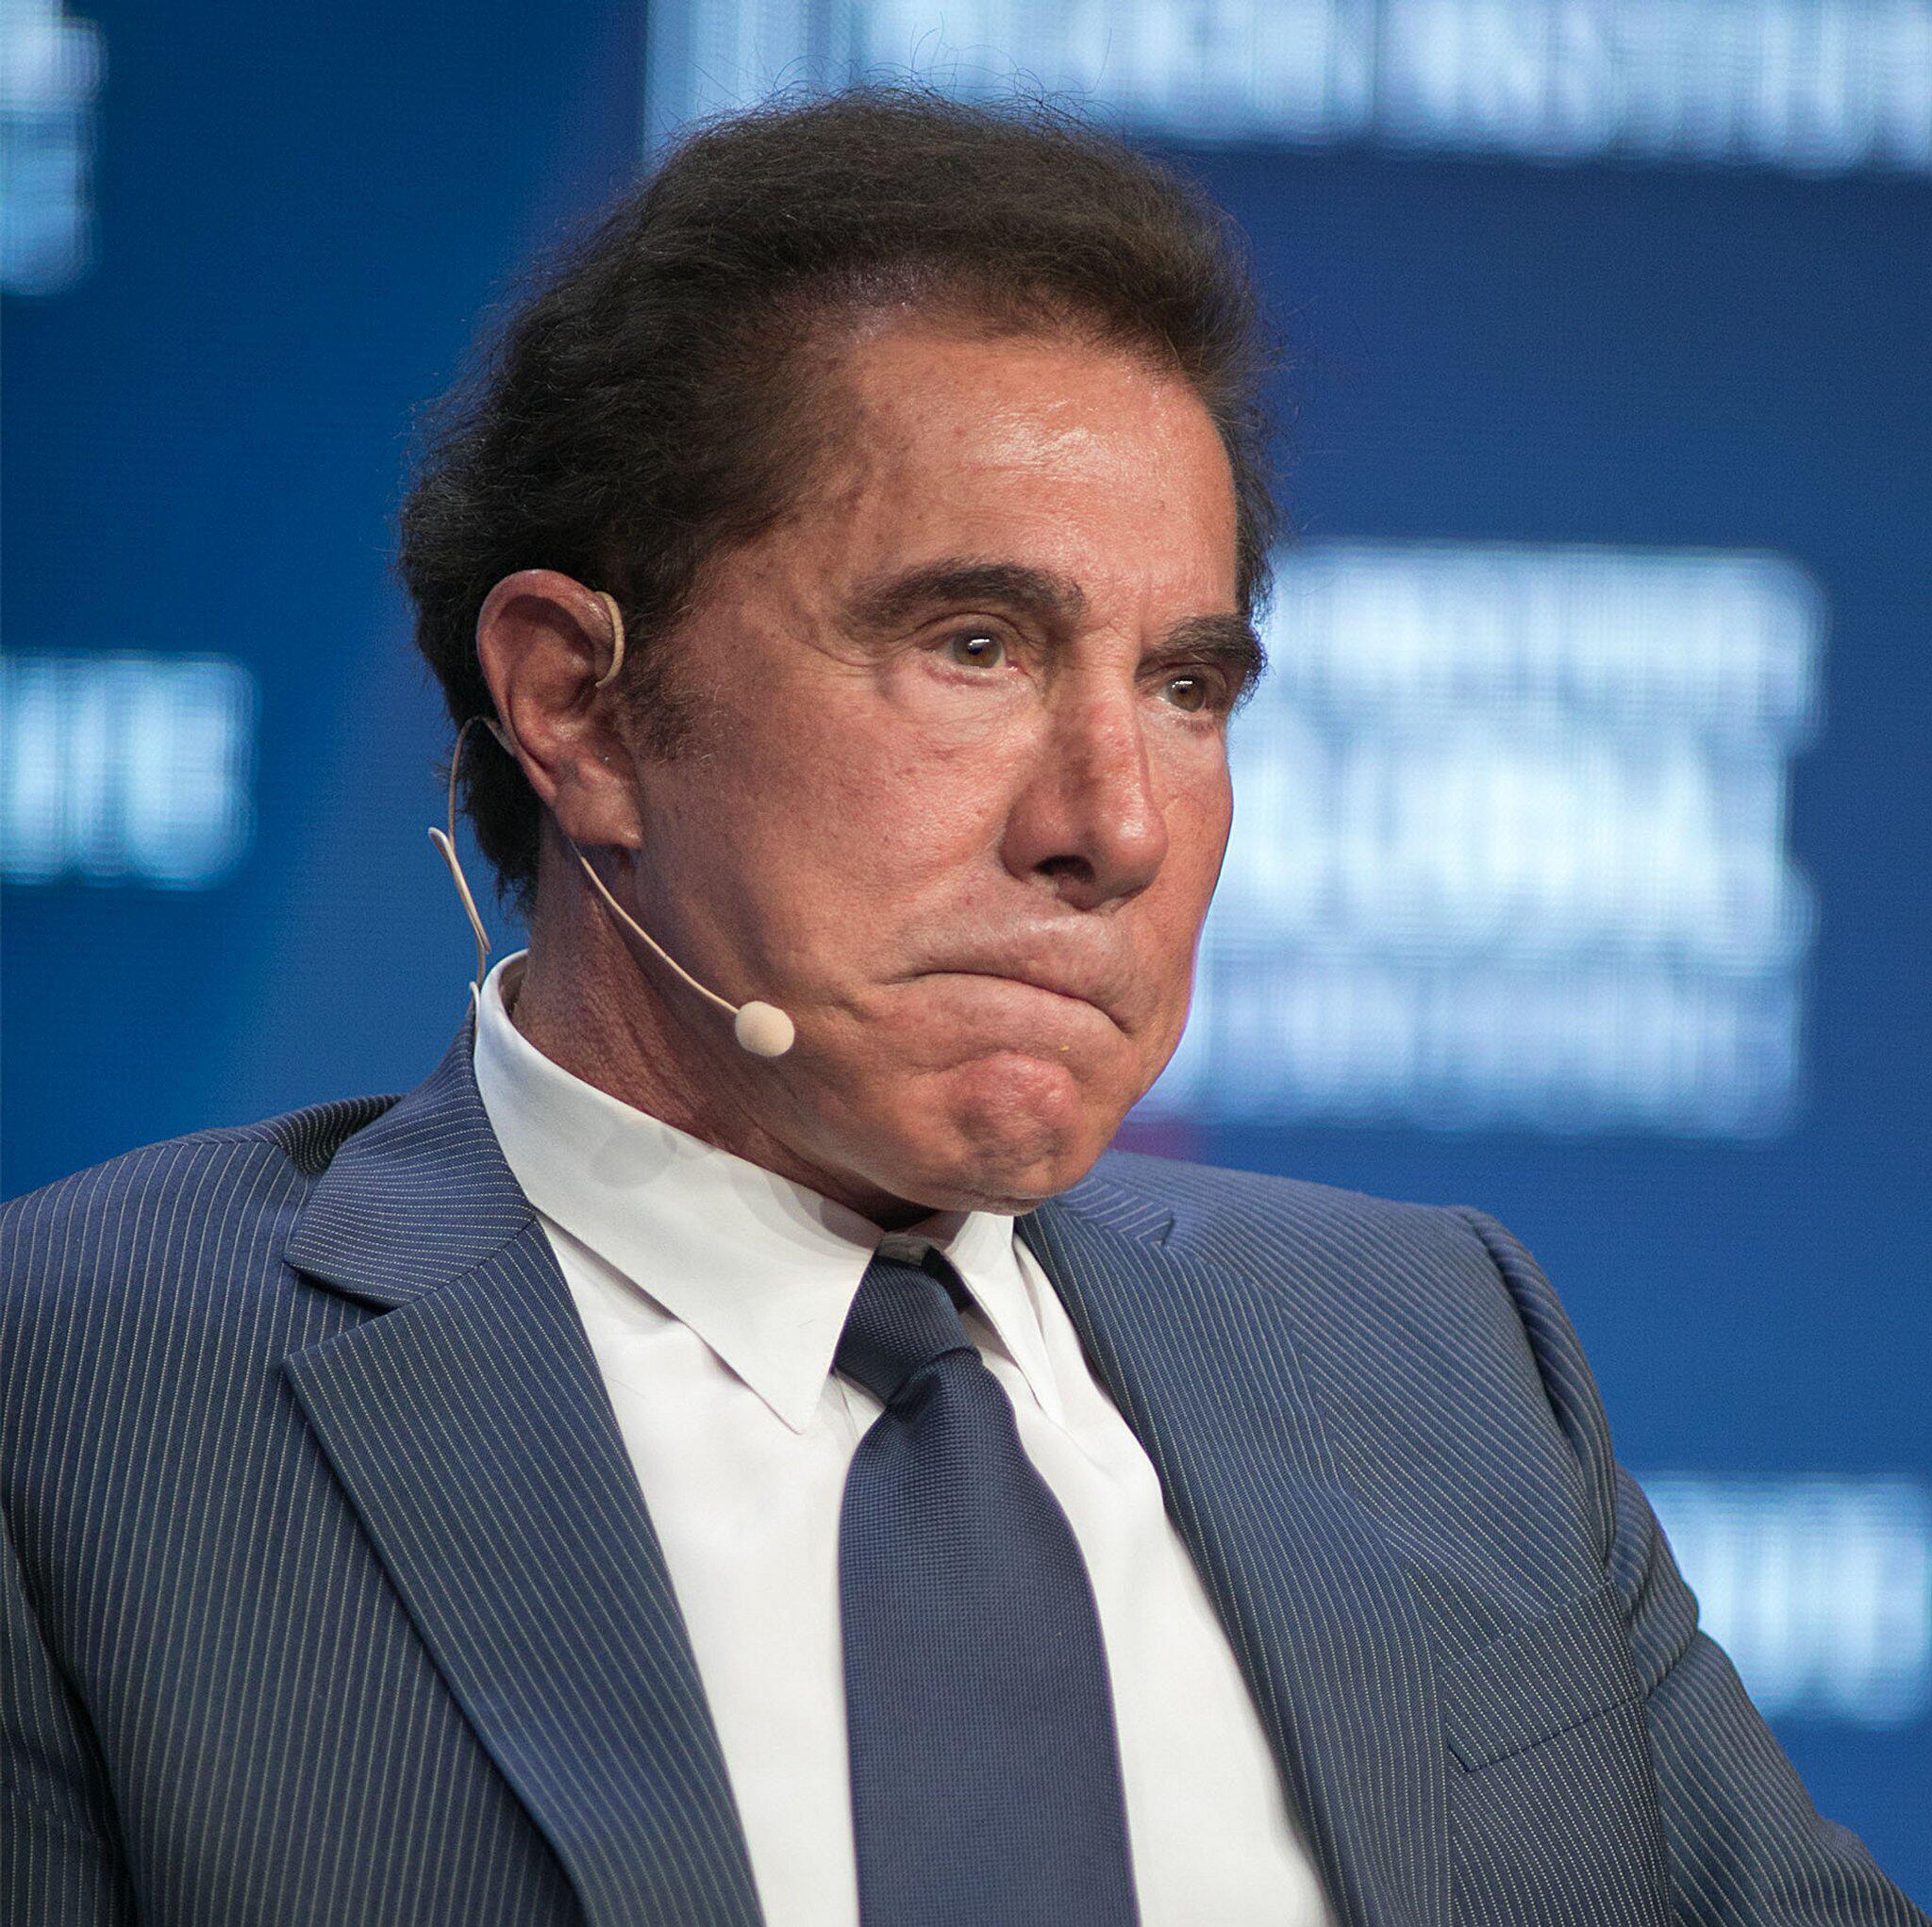 Bild zu US-Kasinomogul Wynn - Vorwürfe sexueller Übergriffe